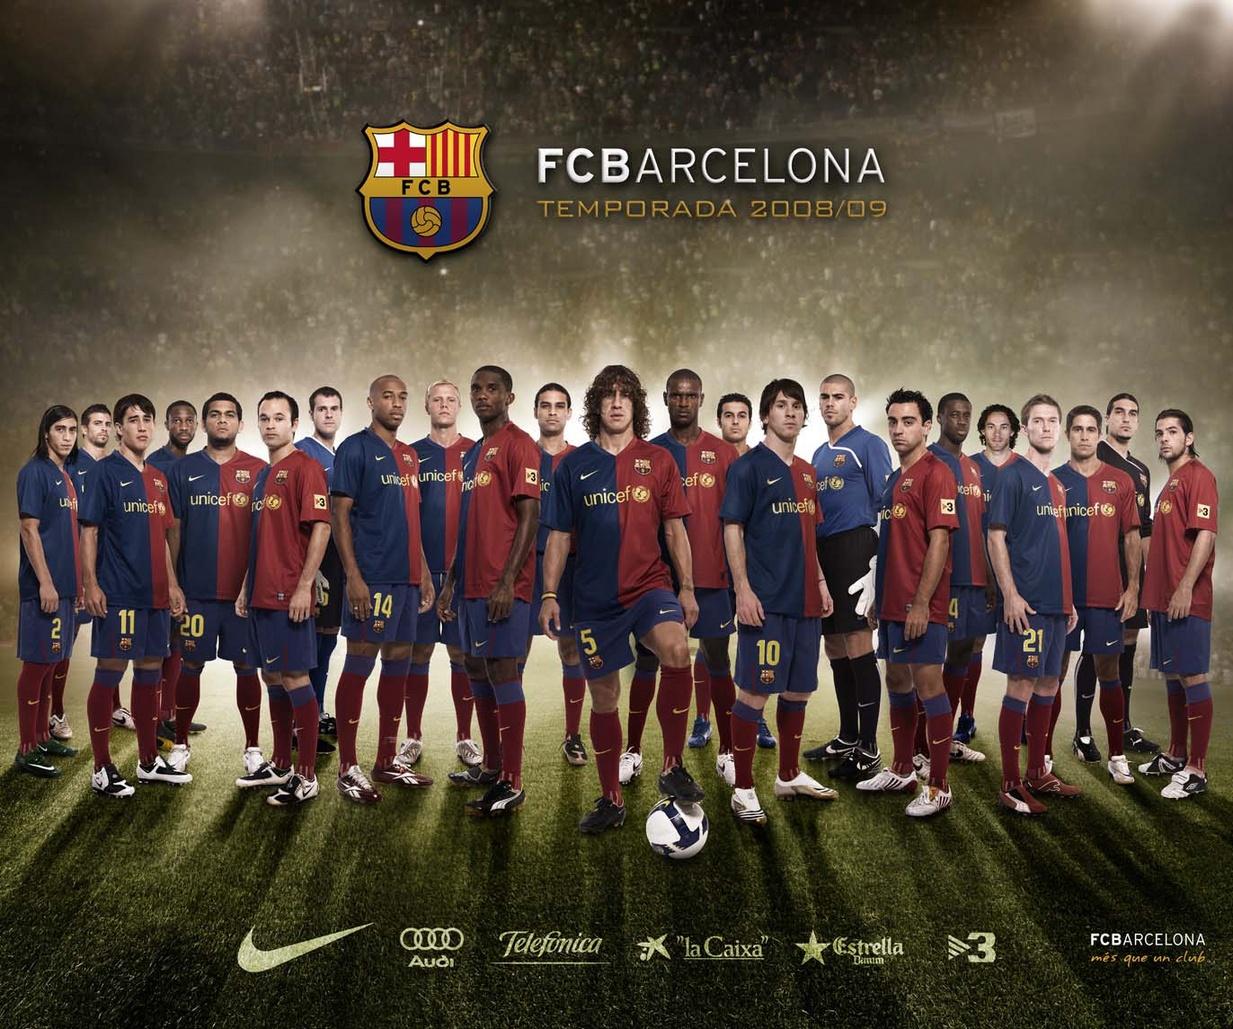 http://2.bp.blogspot.com/-S7l-pa6G1ss/T_TDcjjjTLI/AAAAAAAAFgA/sopQ-kjB1hg/s1600/football-soccer-wallpaper_barcelona-team-squad_01_800x600.jpg